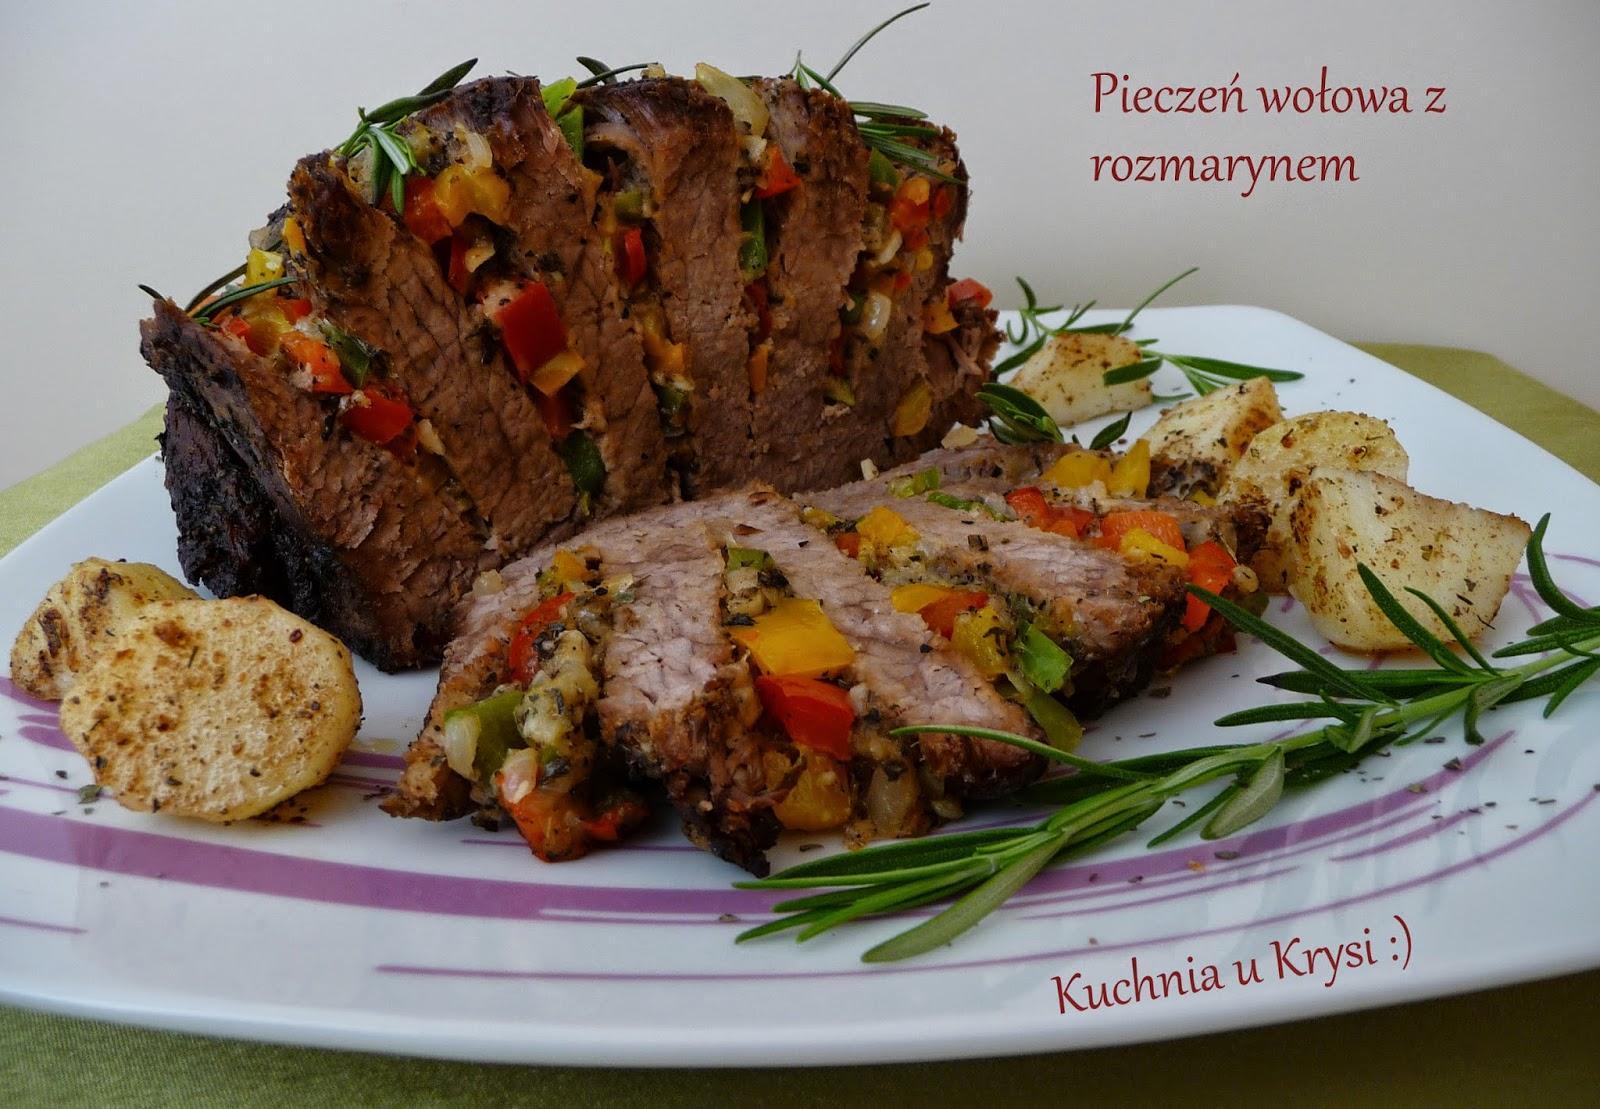 Kuchnia U Krysi Dania Mięsne